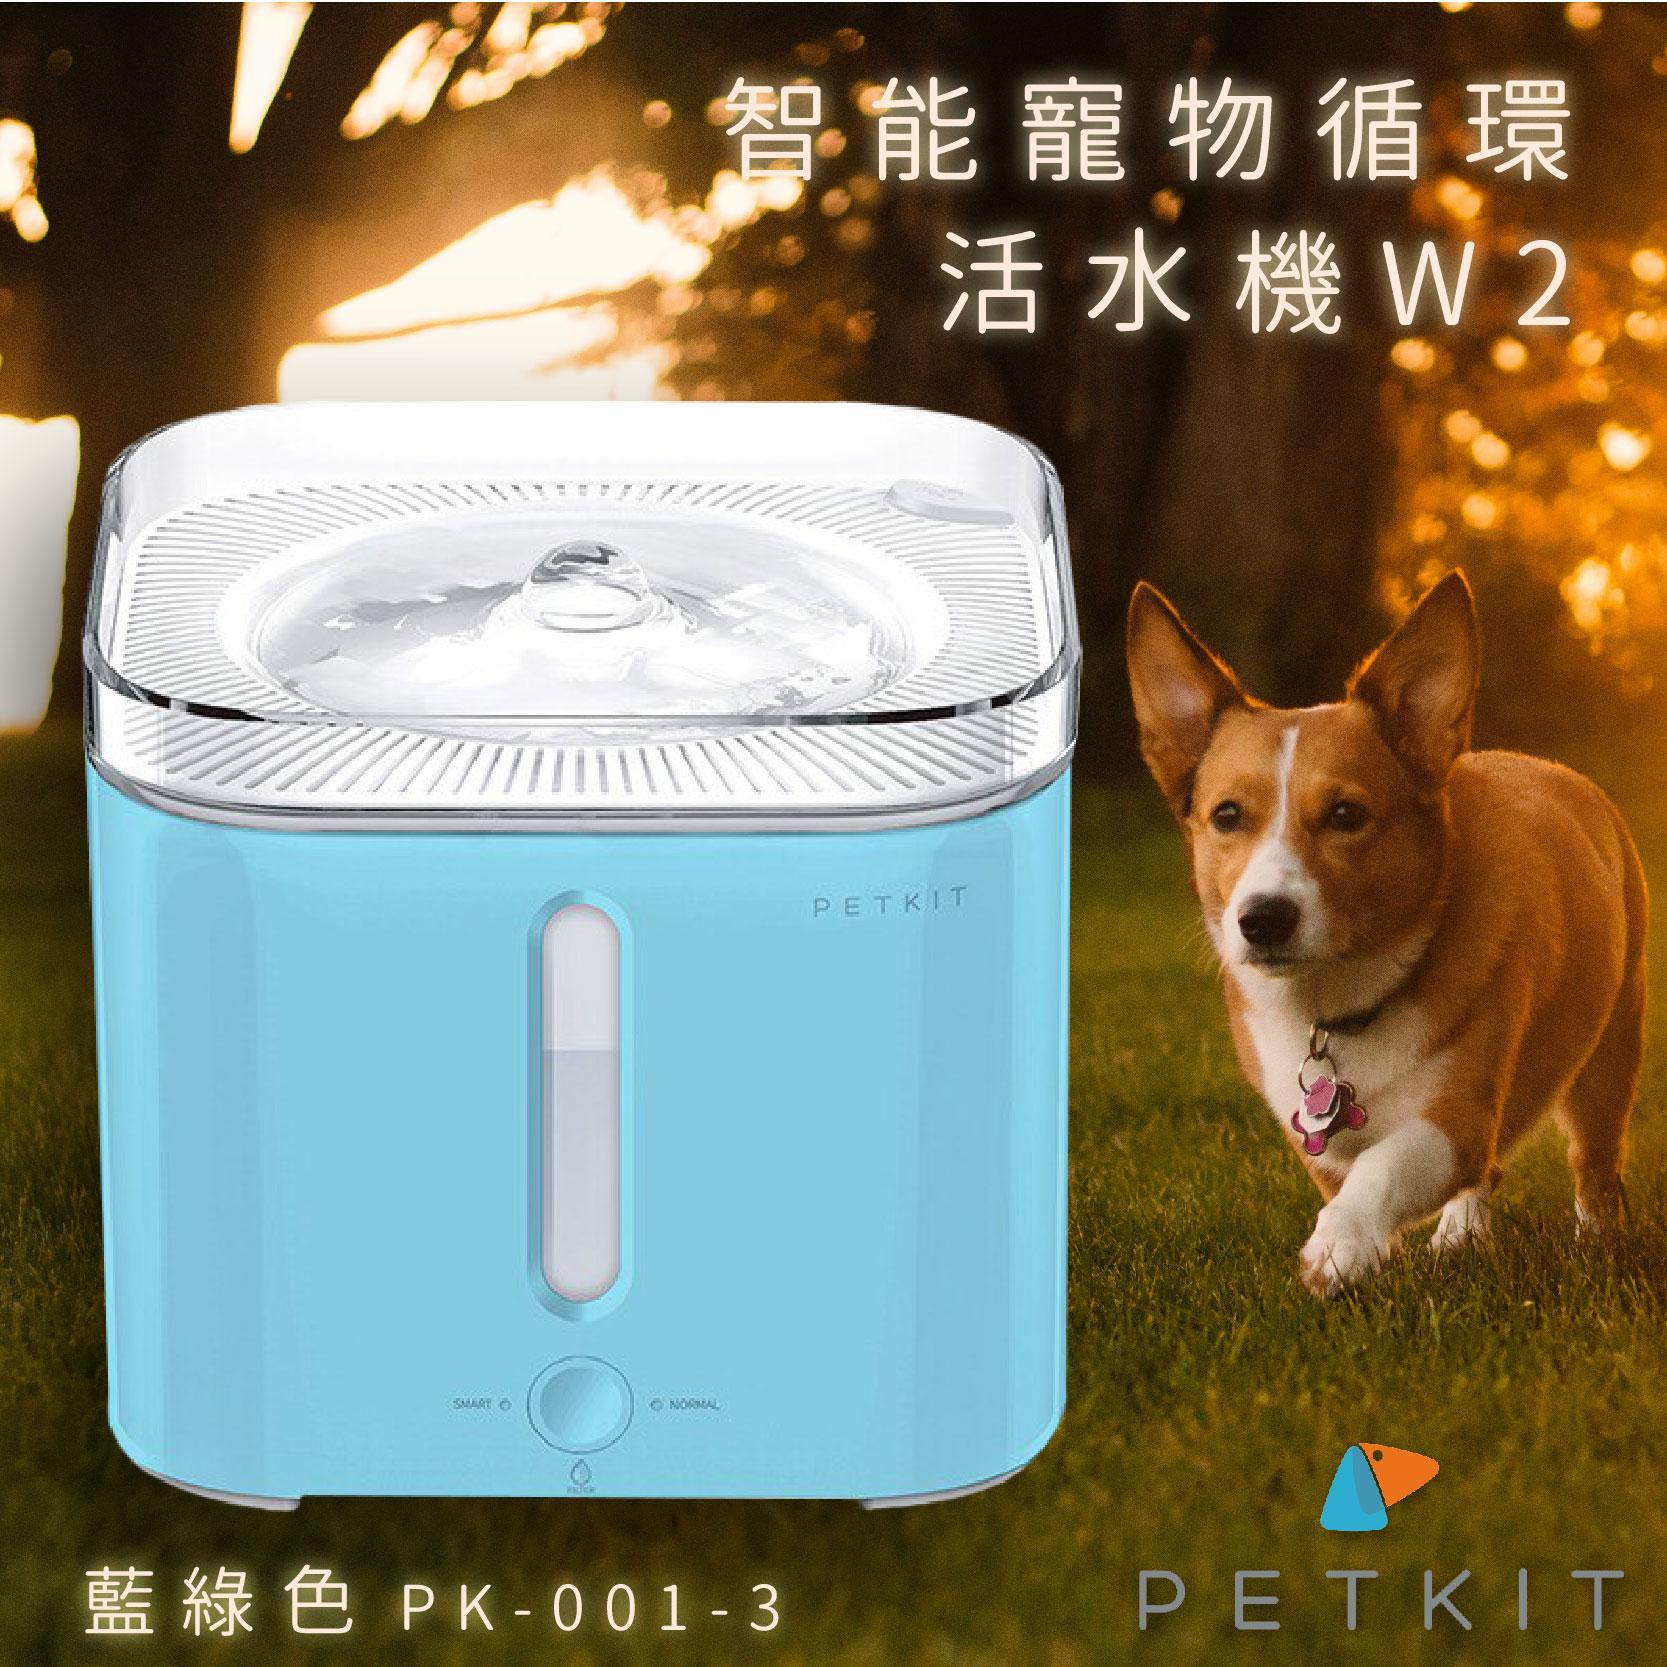 Petkit 智能寵物循環活水機W2 PK-001-3 藍綠色 寵物飲水機 寵物用品 寵物餐飲 貓狗 過濾 循環水流